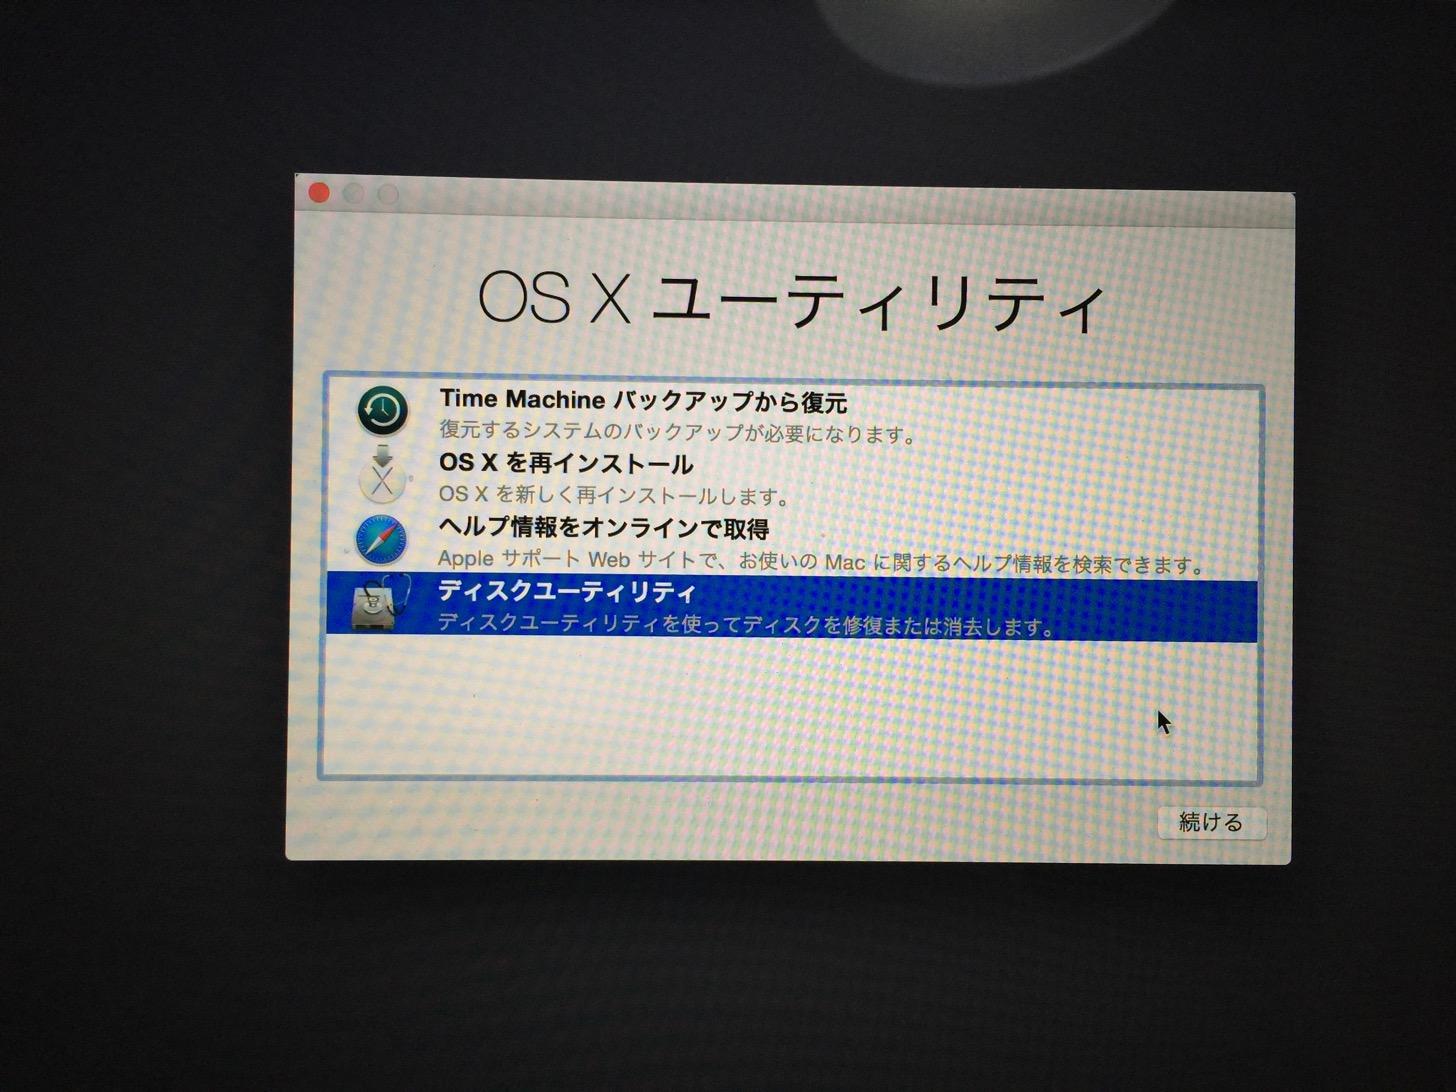 OS X ユーティリティ